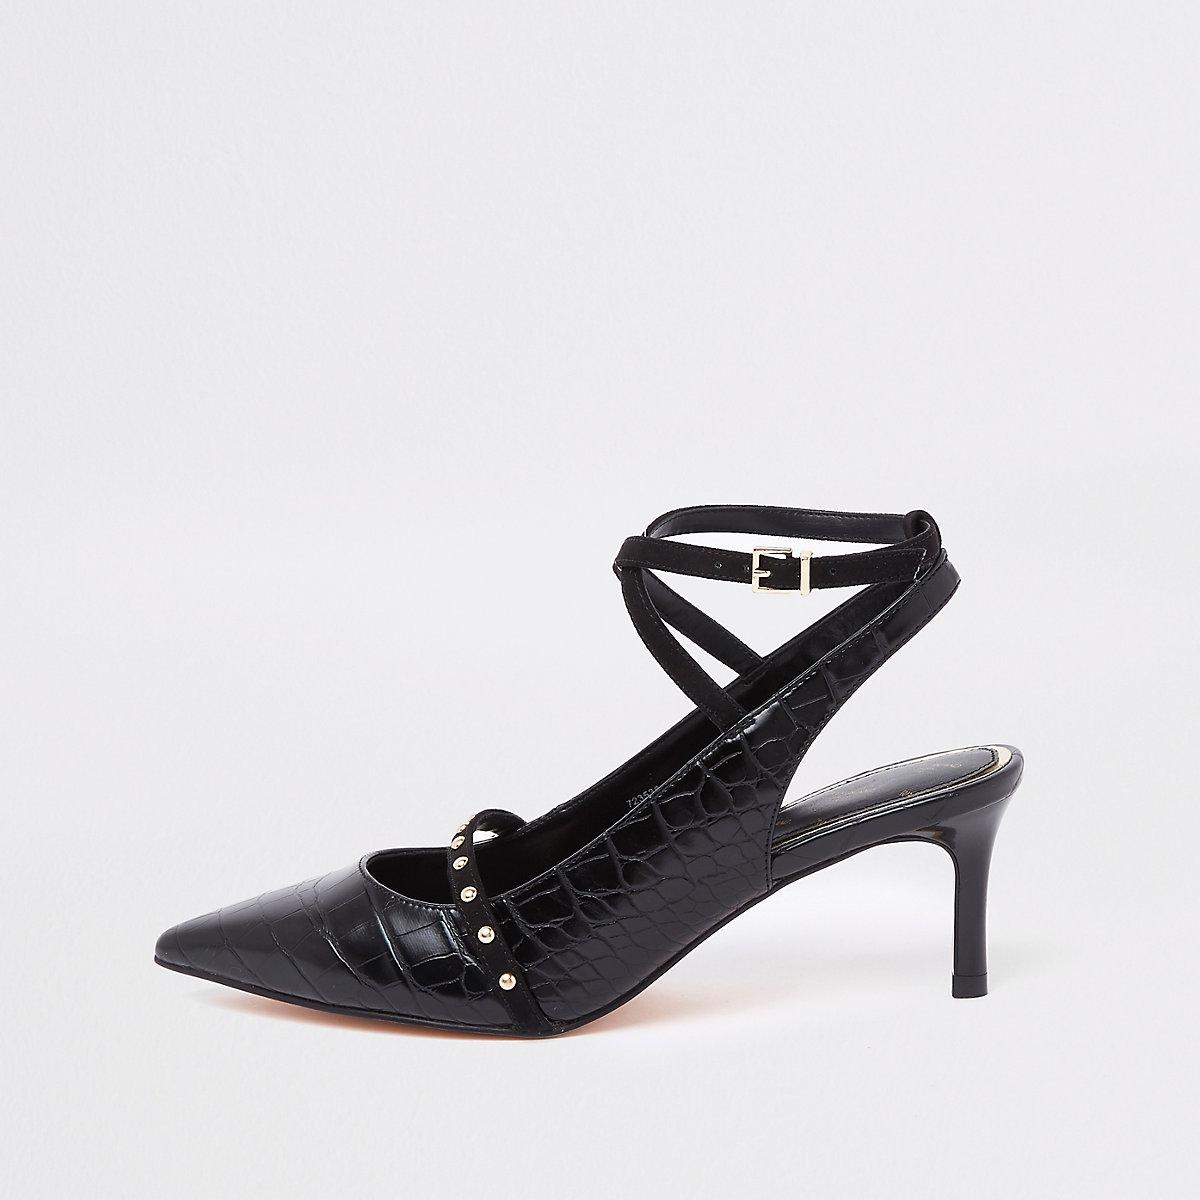 Black croc mid heel ankle strap court shoes